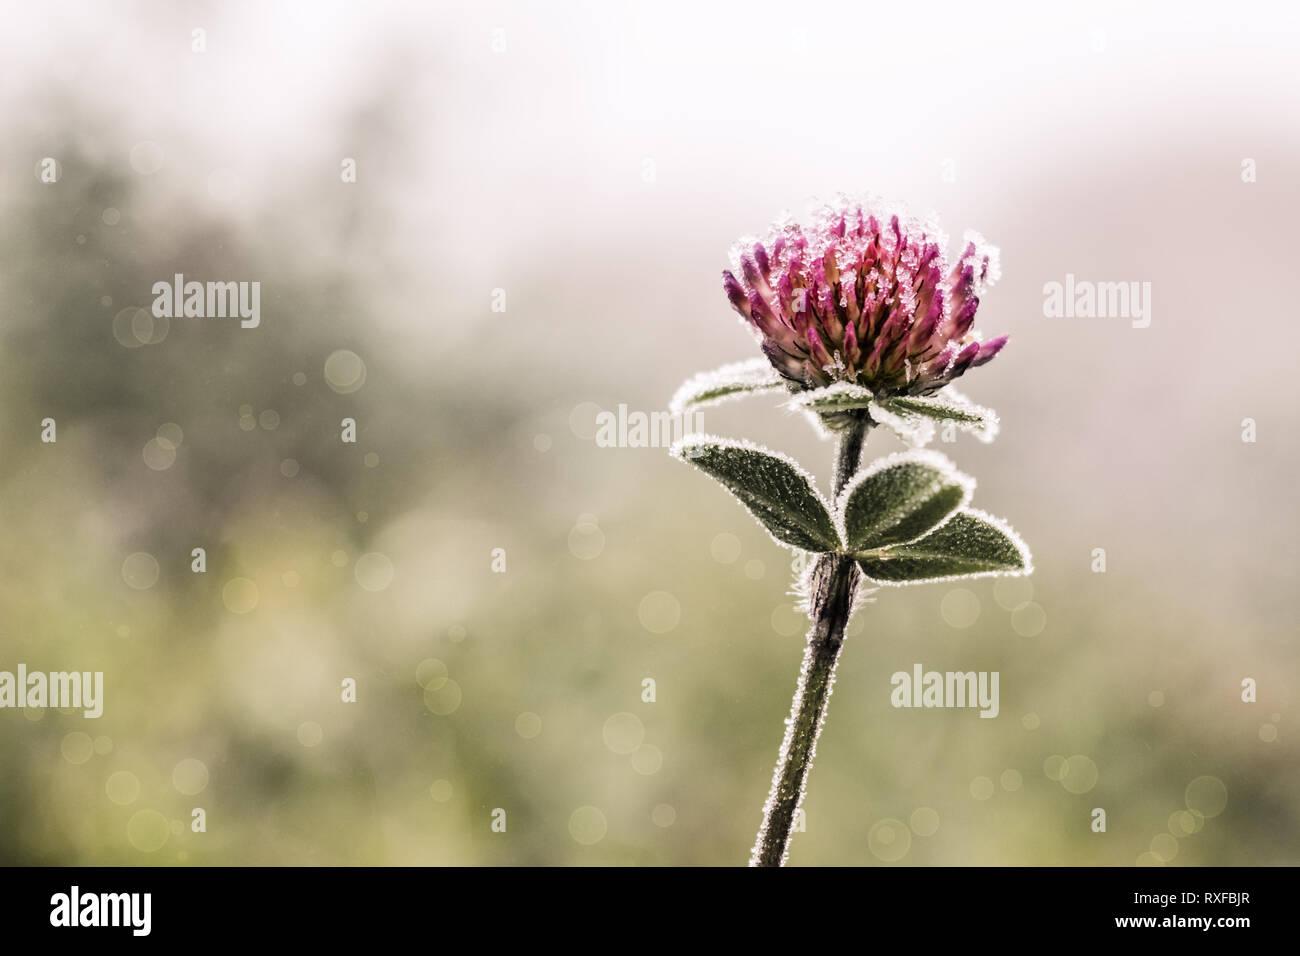 Einsame Kleeblume im Frost mit weichem Bubble Hintergrund - Stock Image